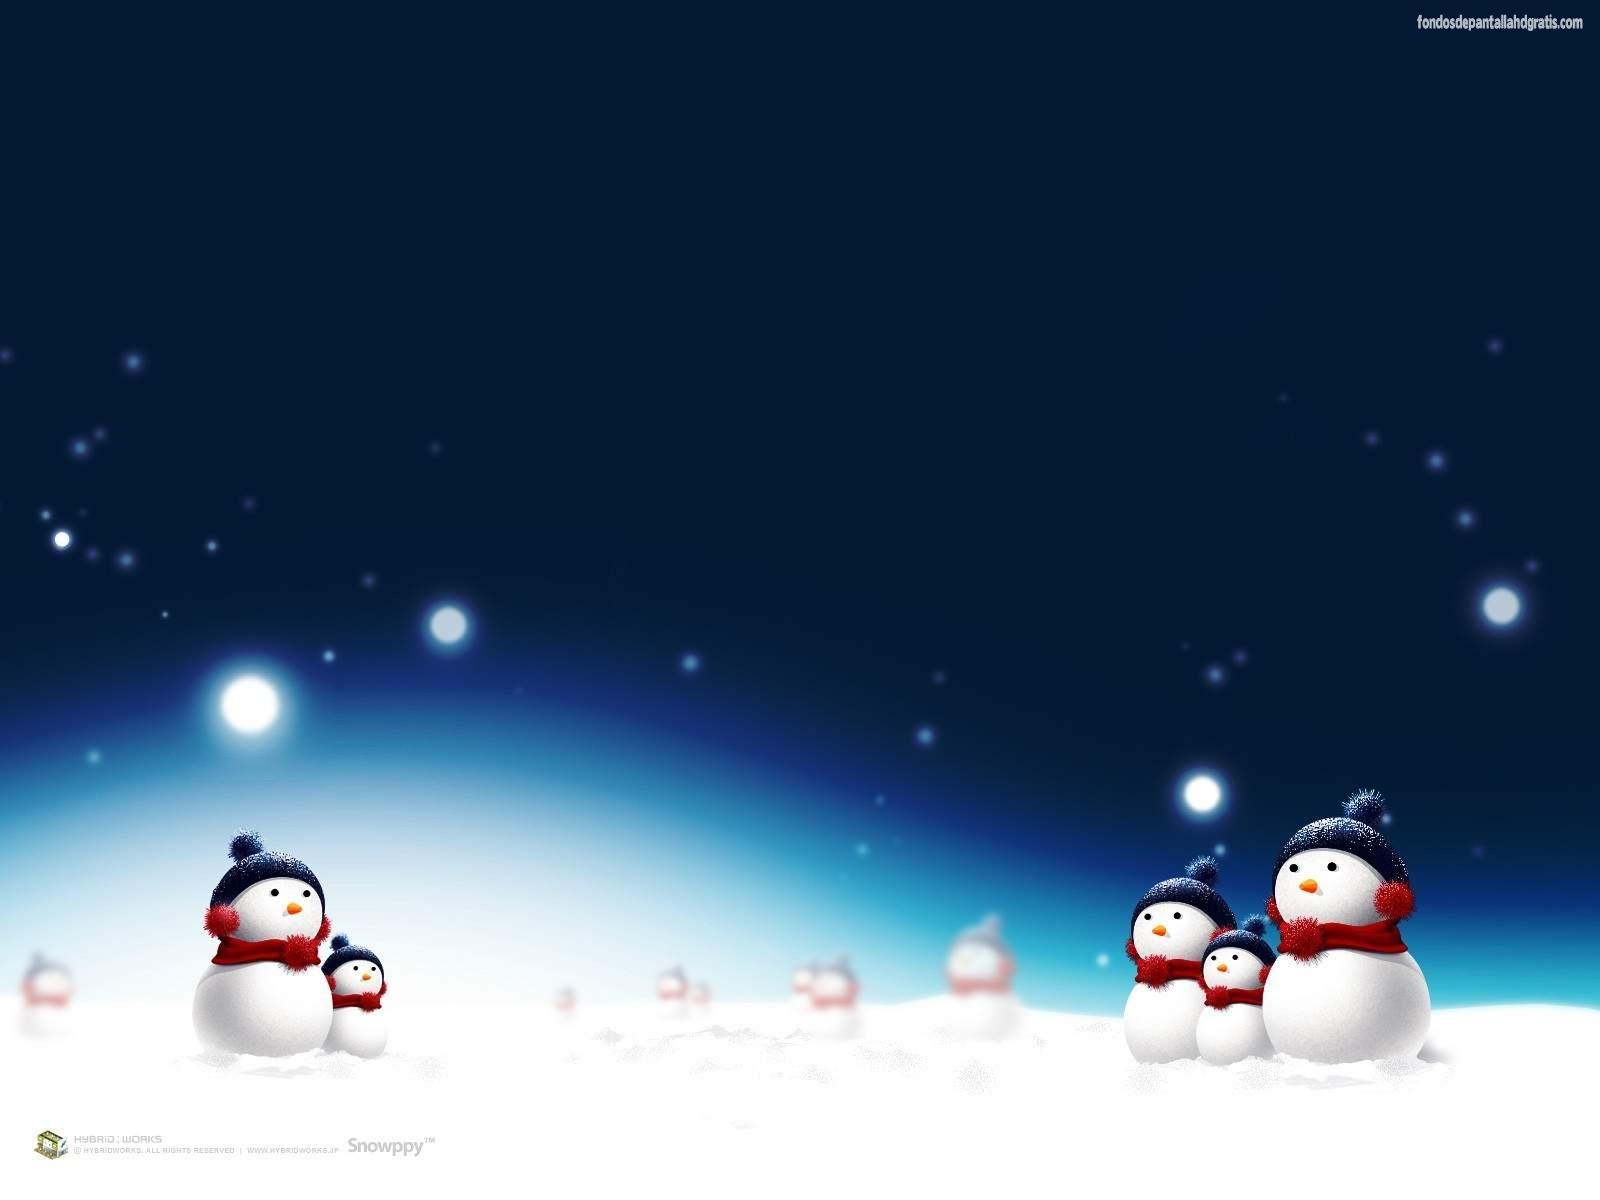 Descargar imagen 3483 3d animated christmas wallpaper gif hd 1600x1200